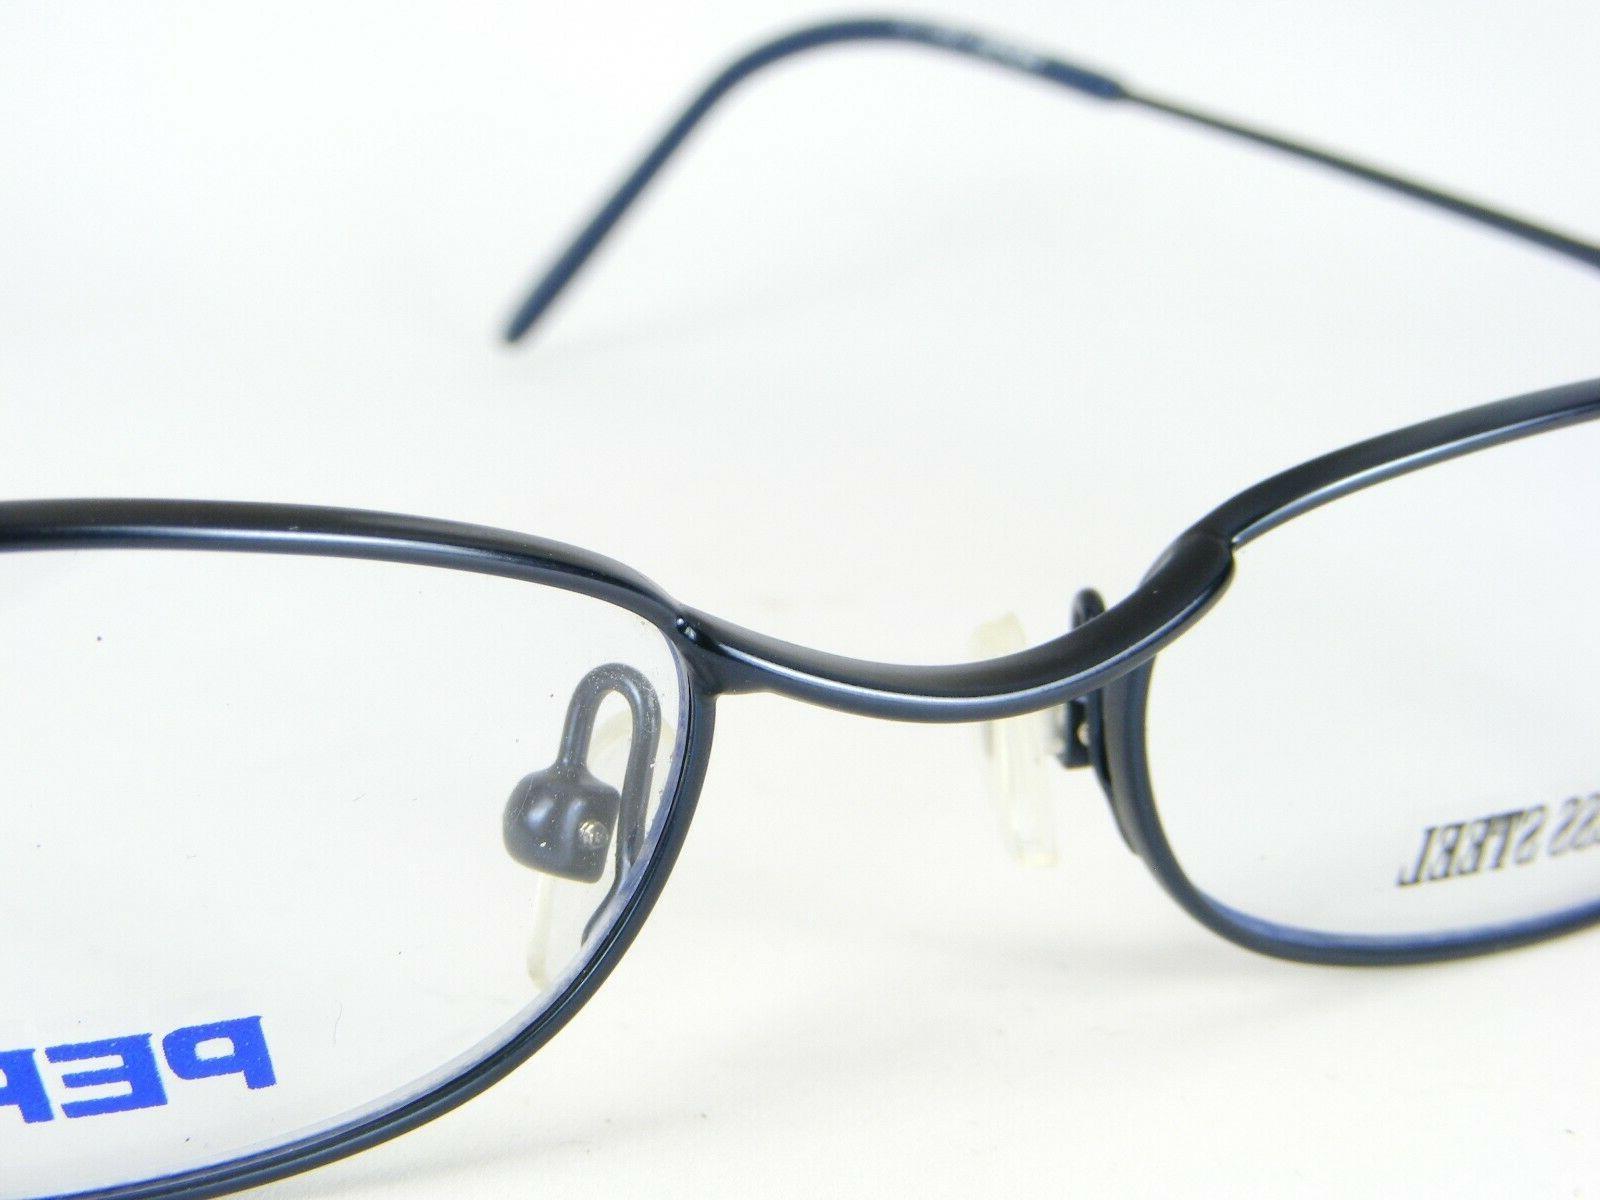 NEW BLUE FRAME P6641 46-17-140mm